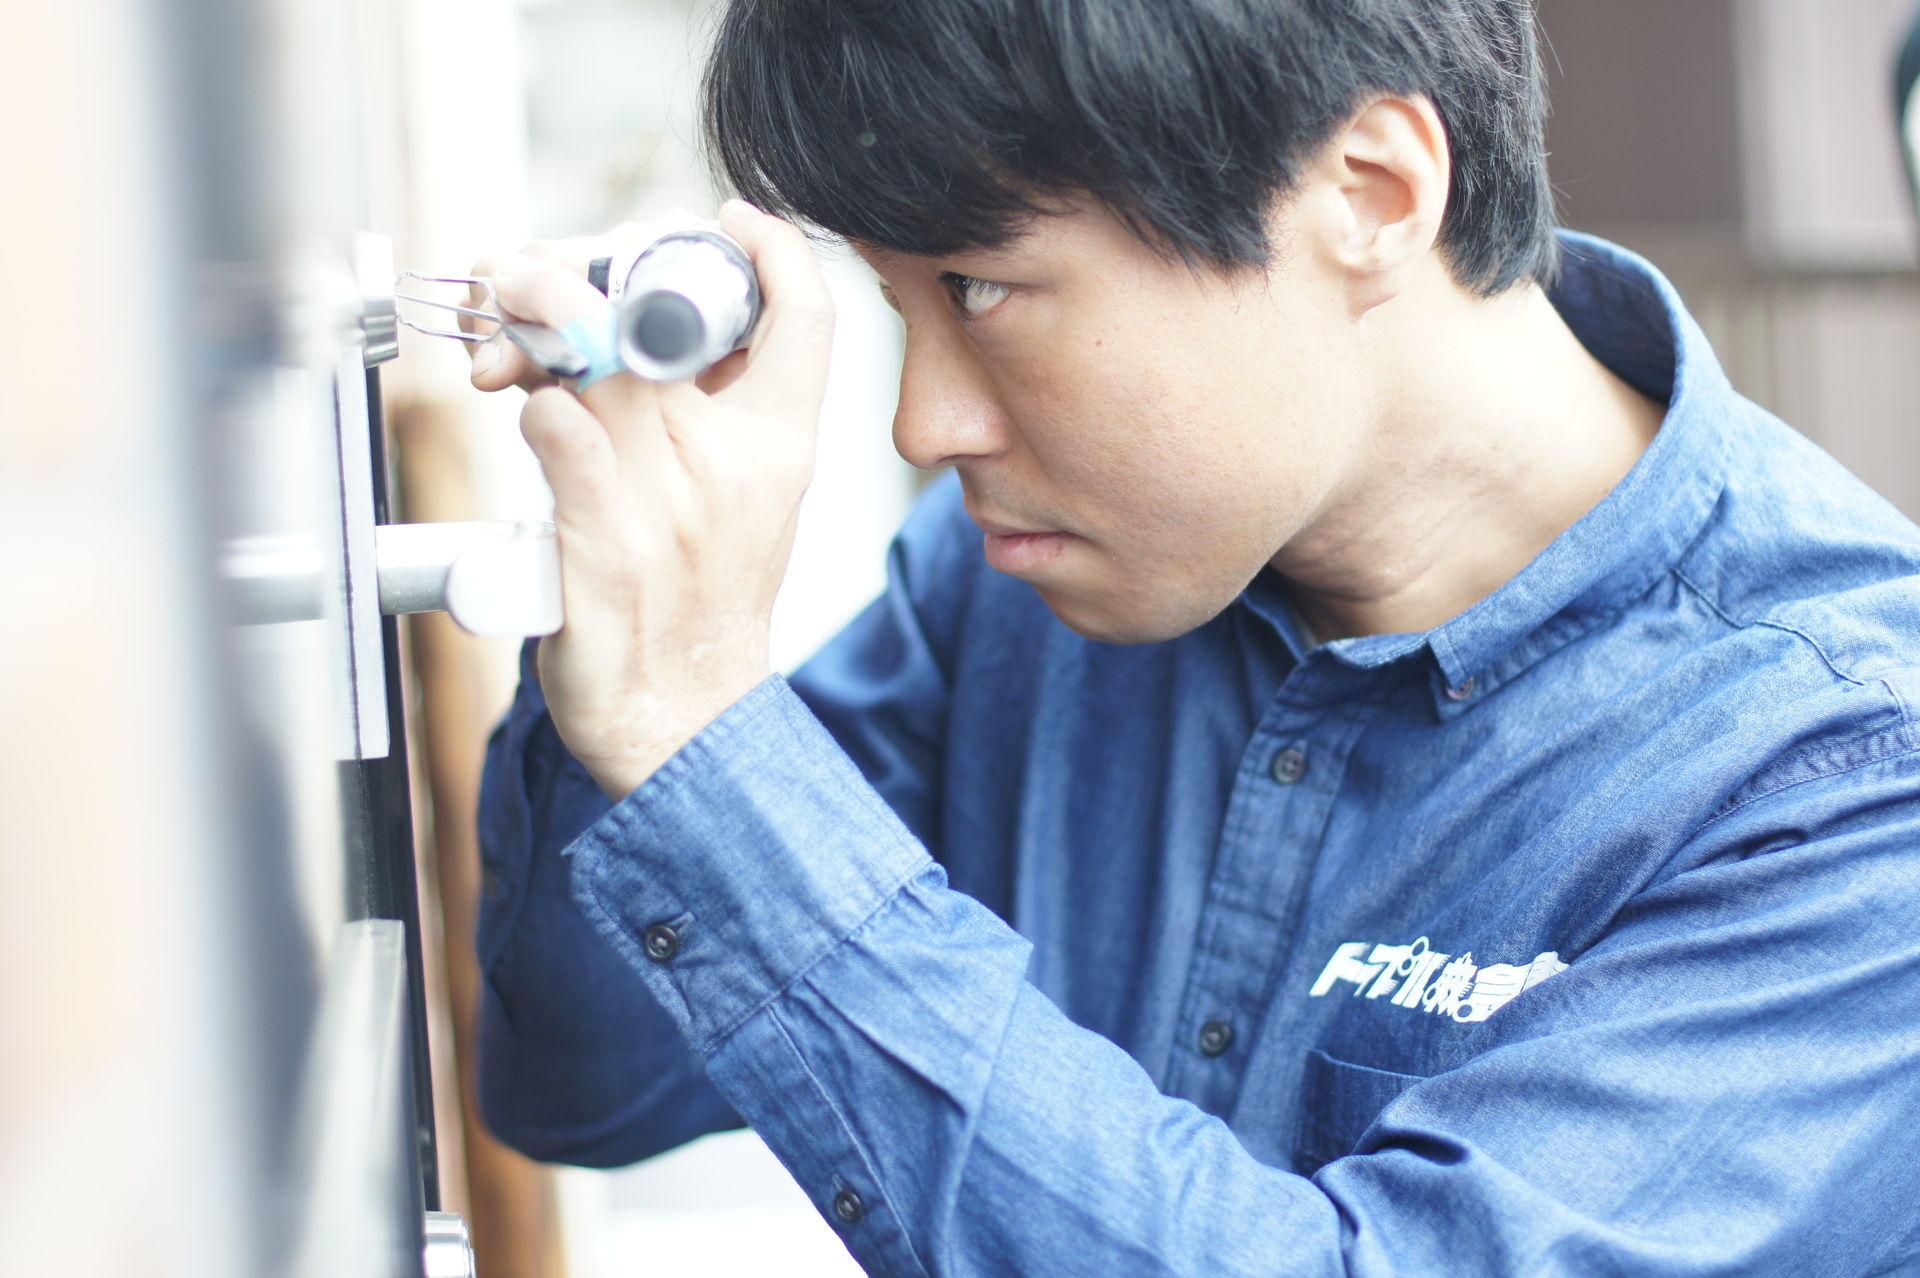 カギのトラブル救Q隊.24【下関市 出張エリア】のメイン画像